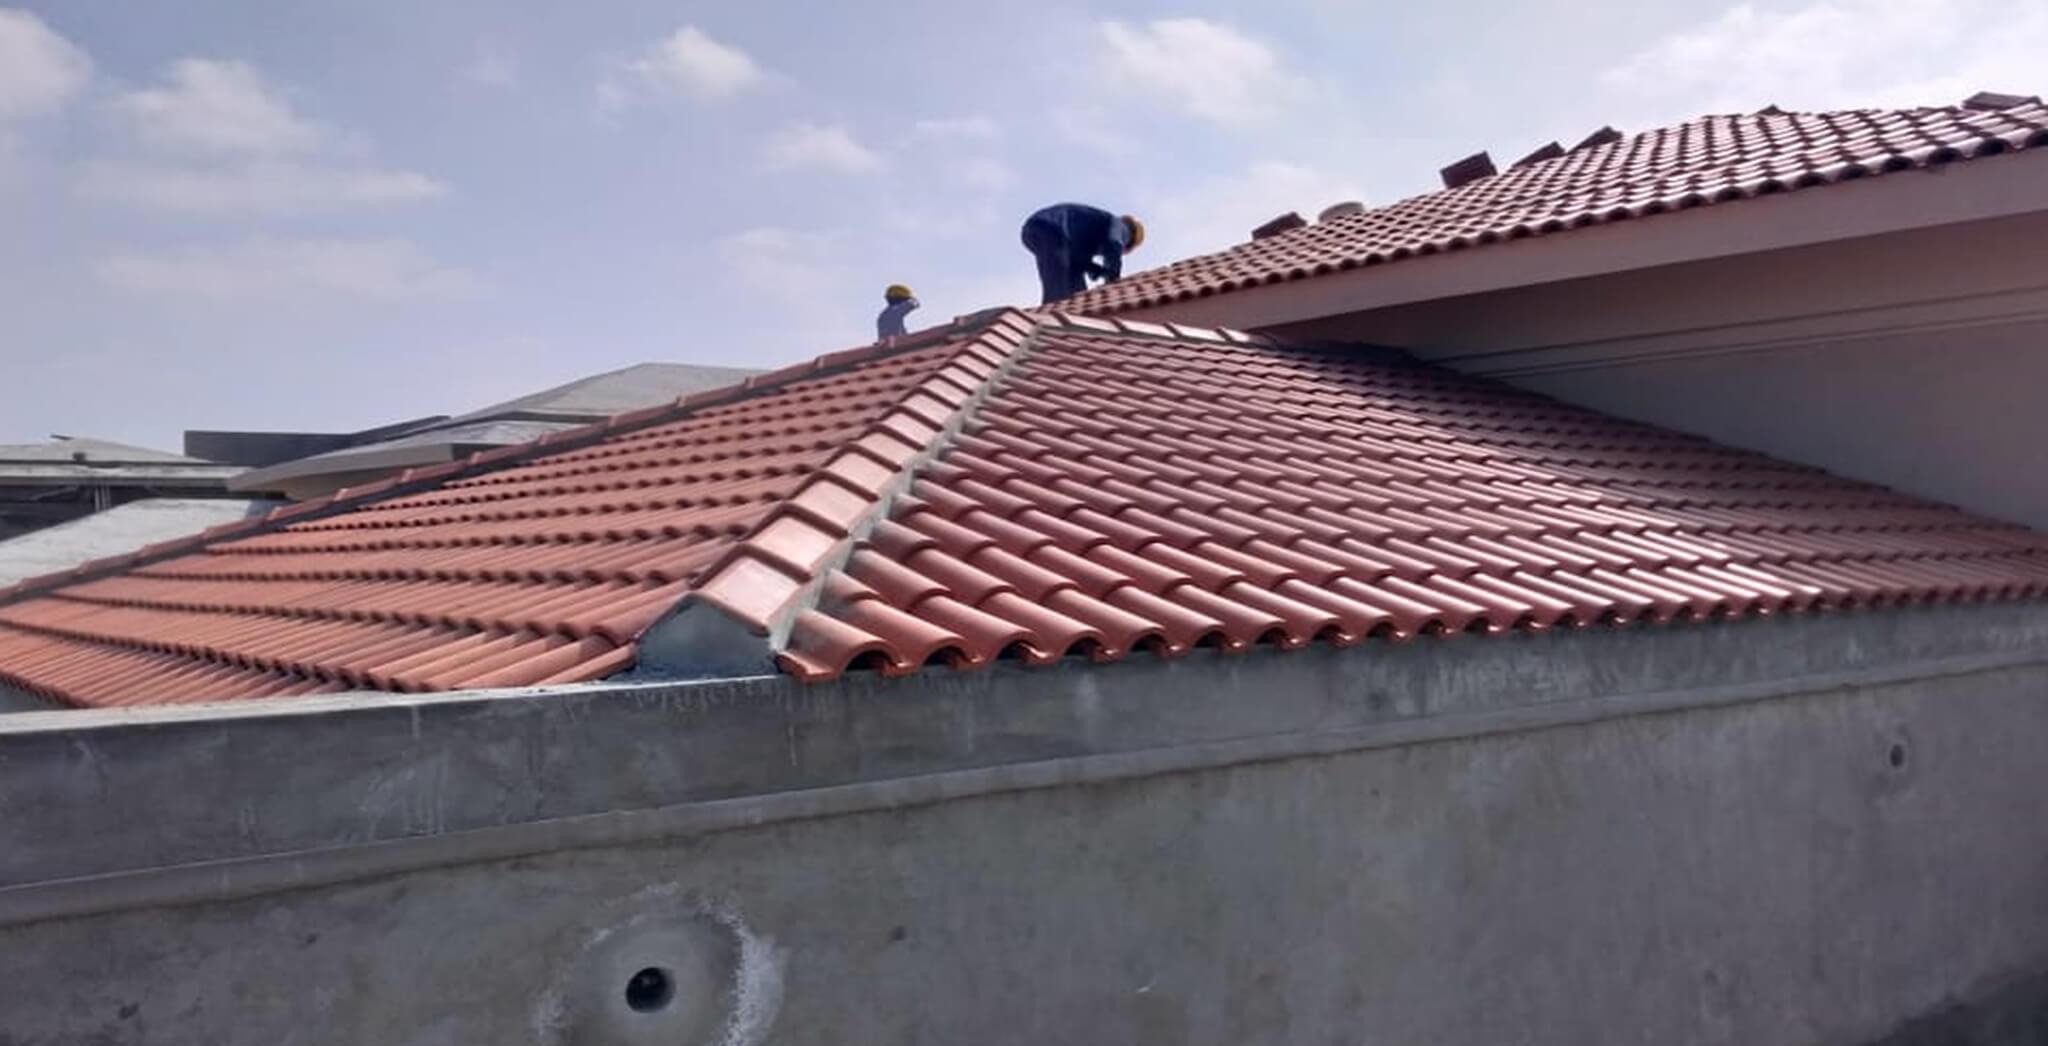 Nov 2018 - Villas Roof tiling work-in-progress